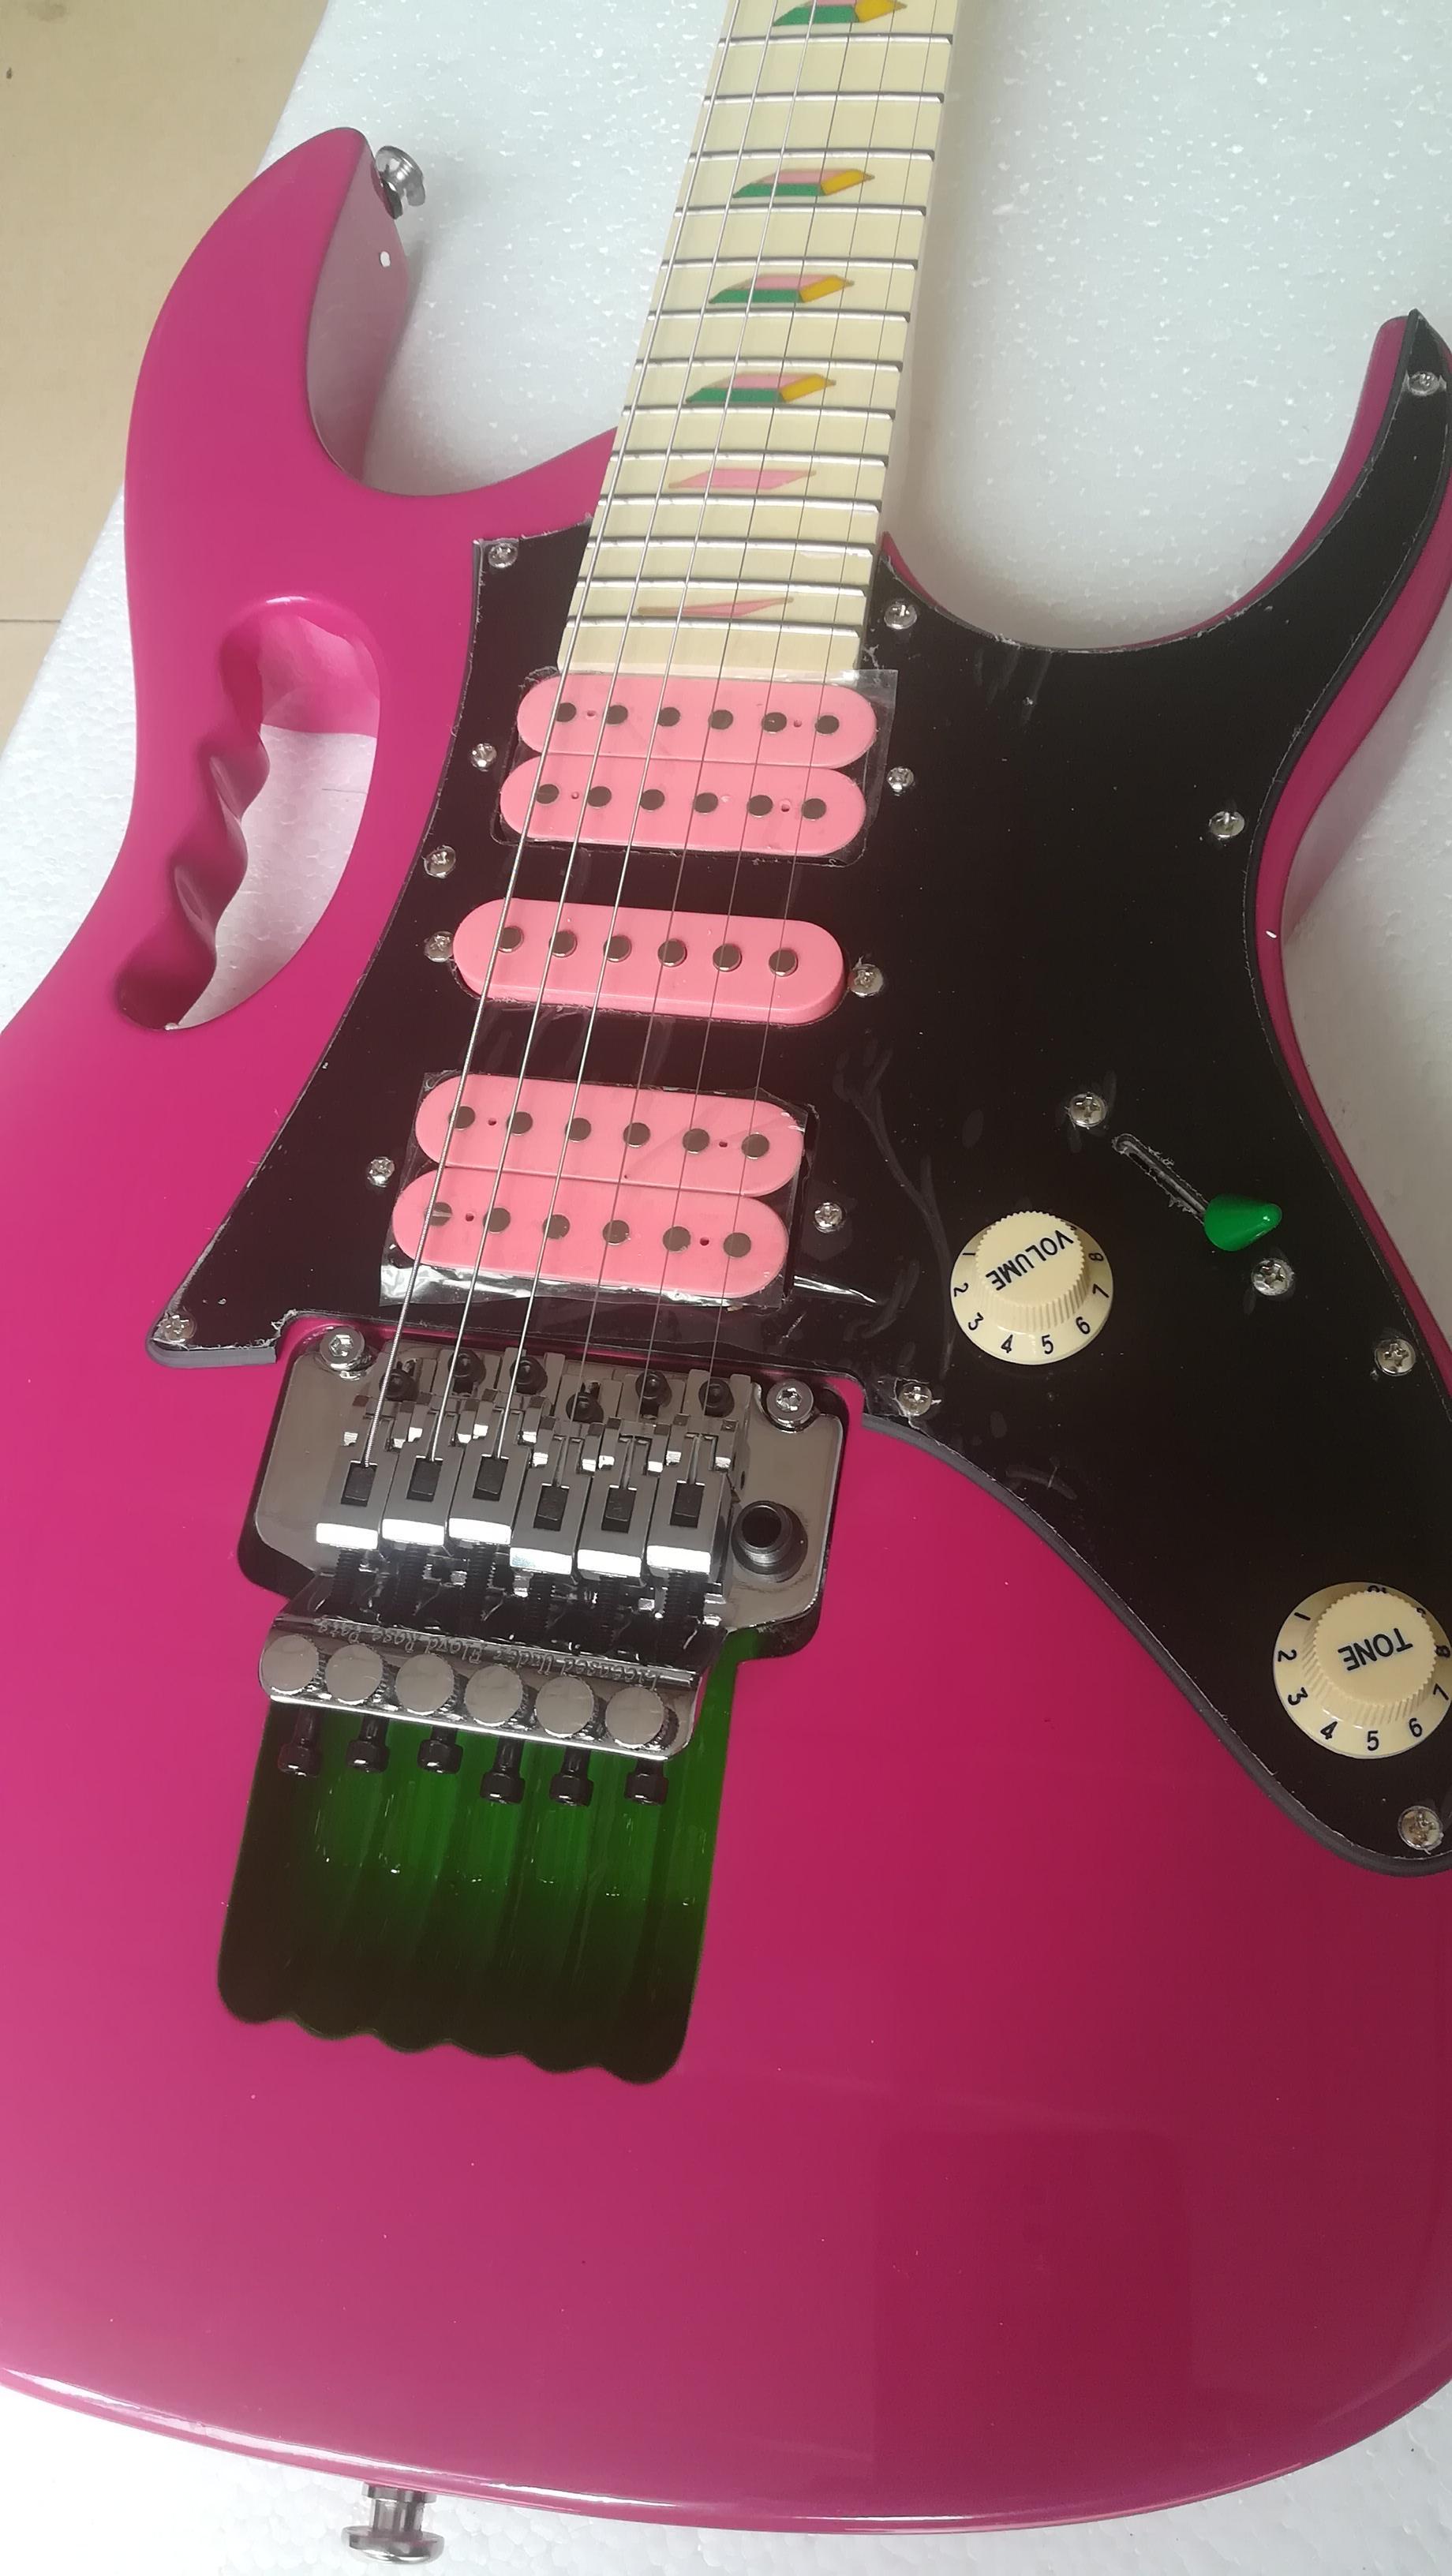 빨간색 전문 전기베이스 전기 기타 사용자 정의 가게 멀티 컬러 옵션 중국어 공장 사용자 정의 전기 기타 쿨, 당신은 변경할 수 있습니다